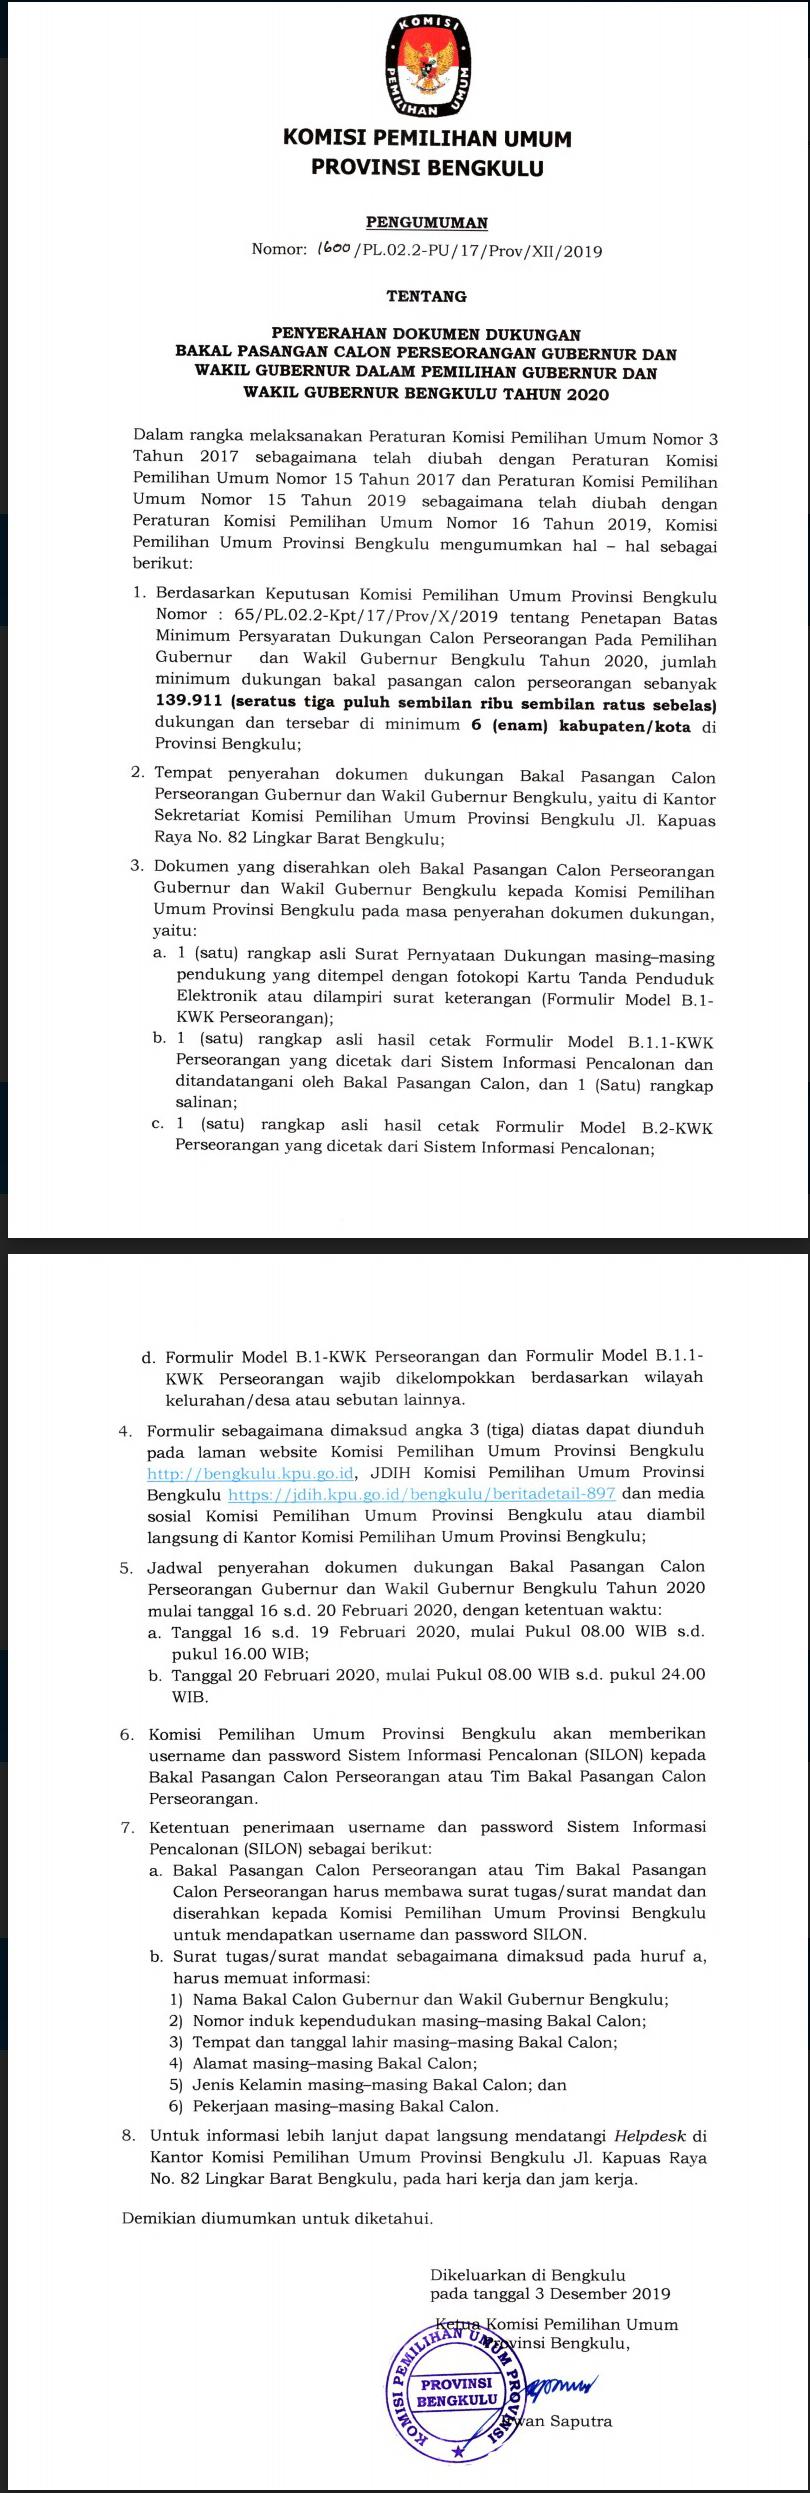 Pengumuman KPU Provinsi Bengkulu